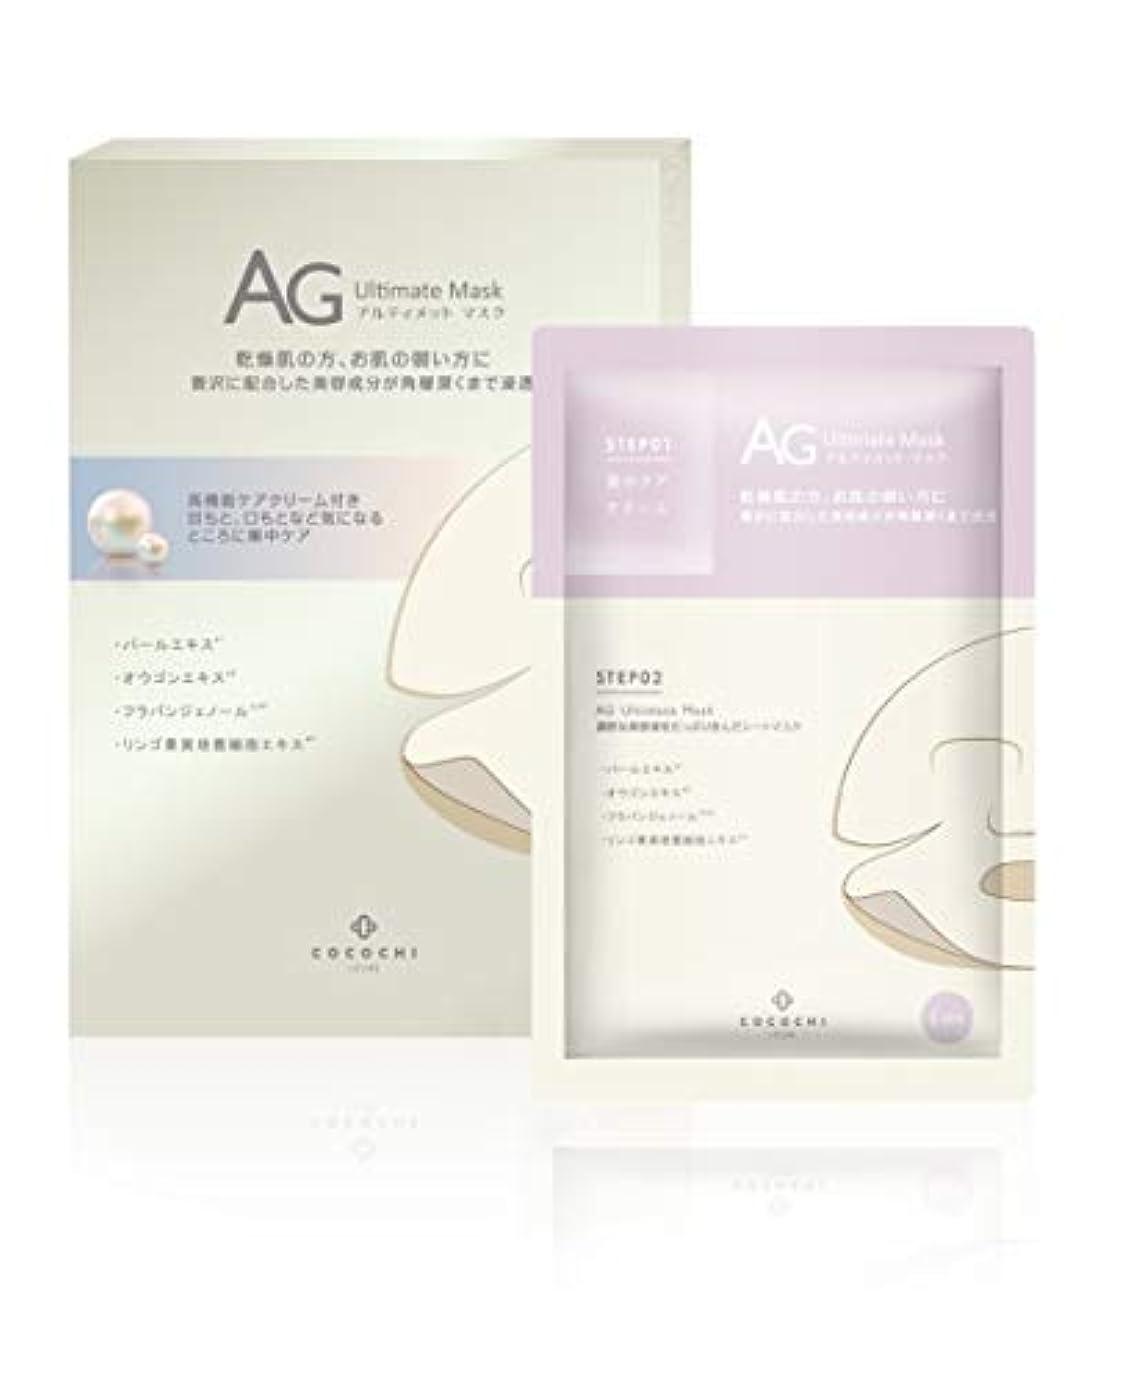 また明日ねコースパックエージーアルティメット(AGアルティメット) AGアルティメット アコヤ真珠マスク 5枚入り フェイスマスク